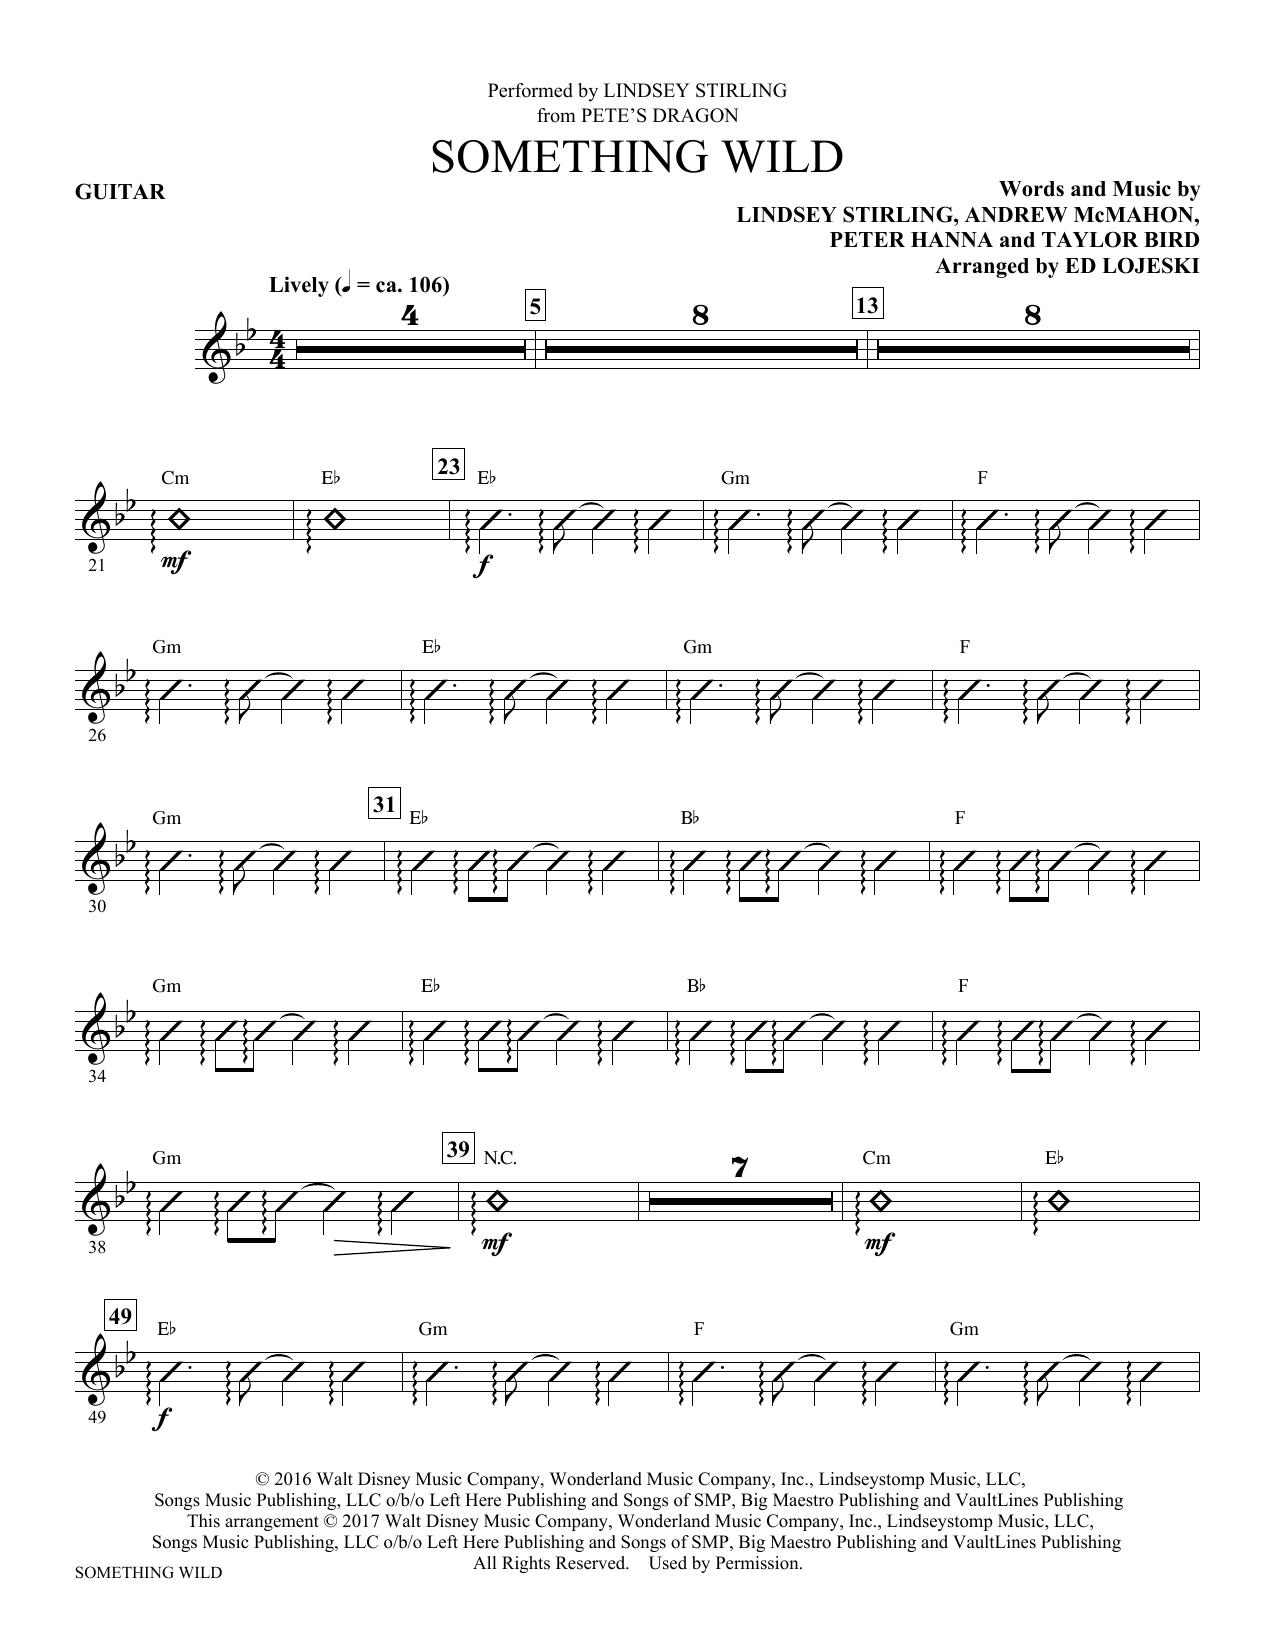 Something Wild (arr. Ed Lojeski) - Guitar Sheet Music